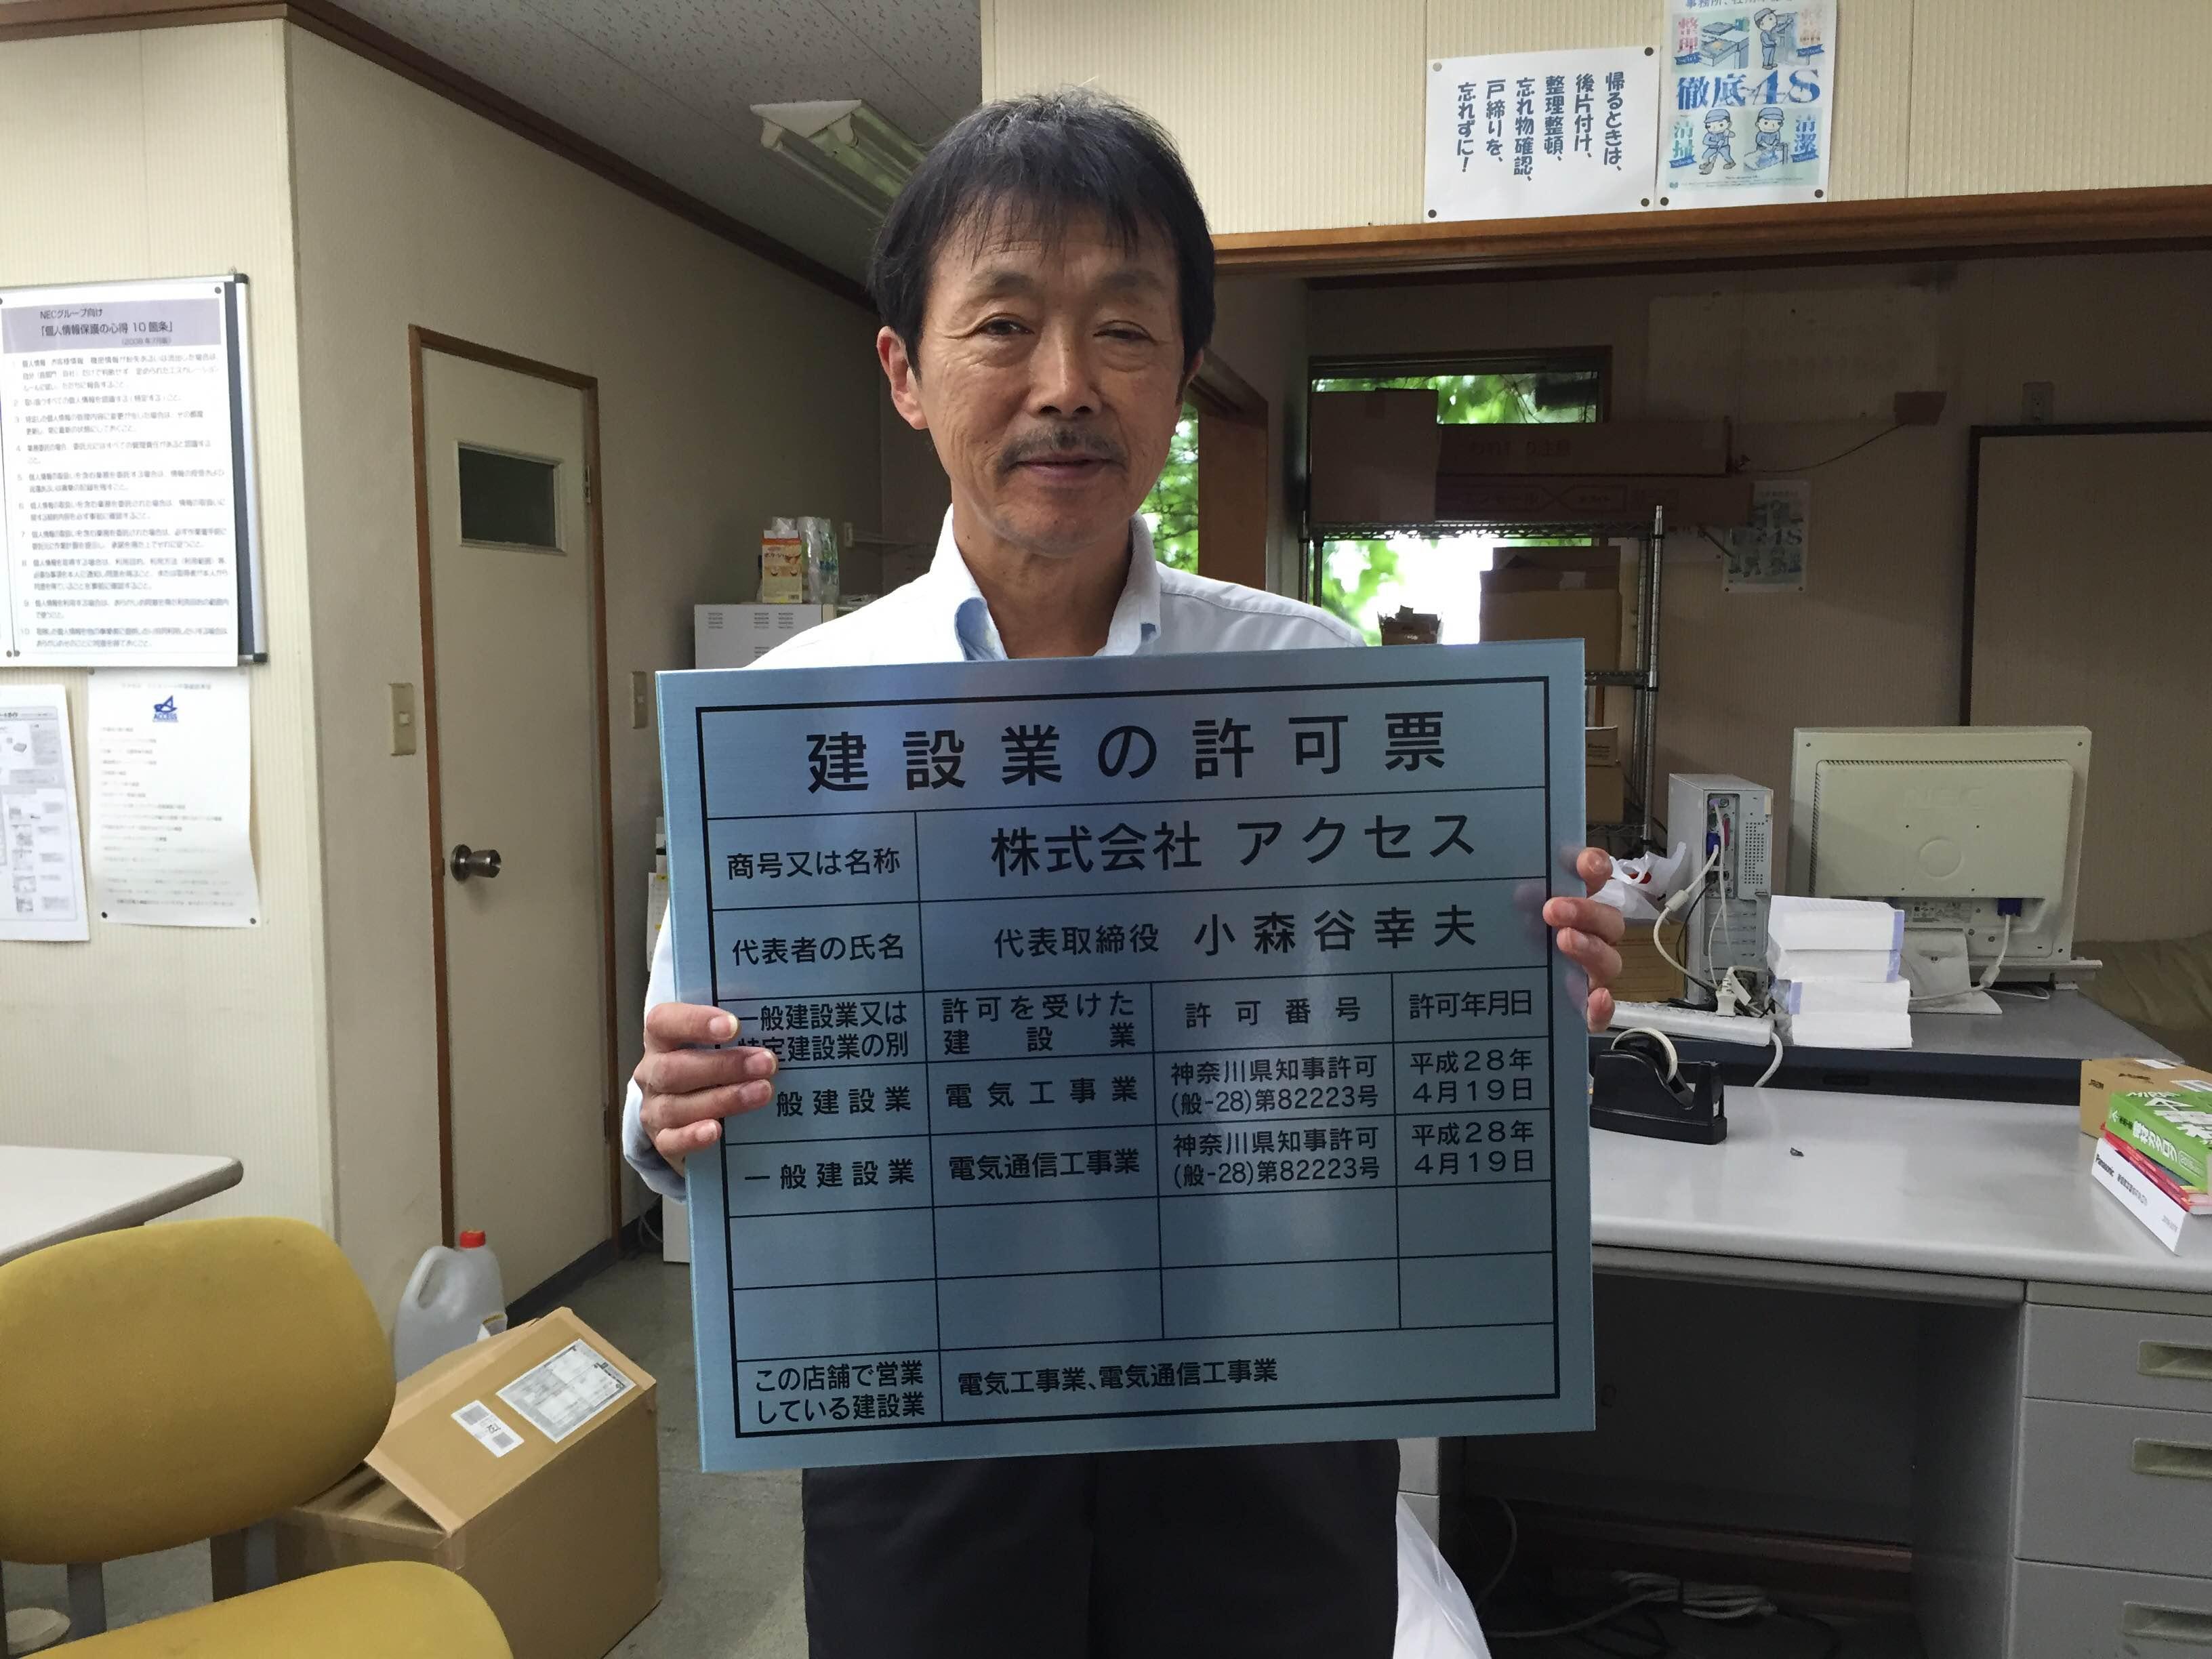 株式会社アクセス (神奈川県藤沢市)